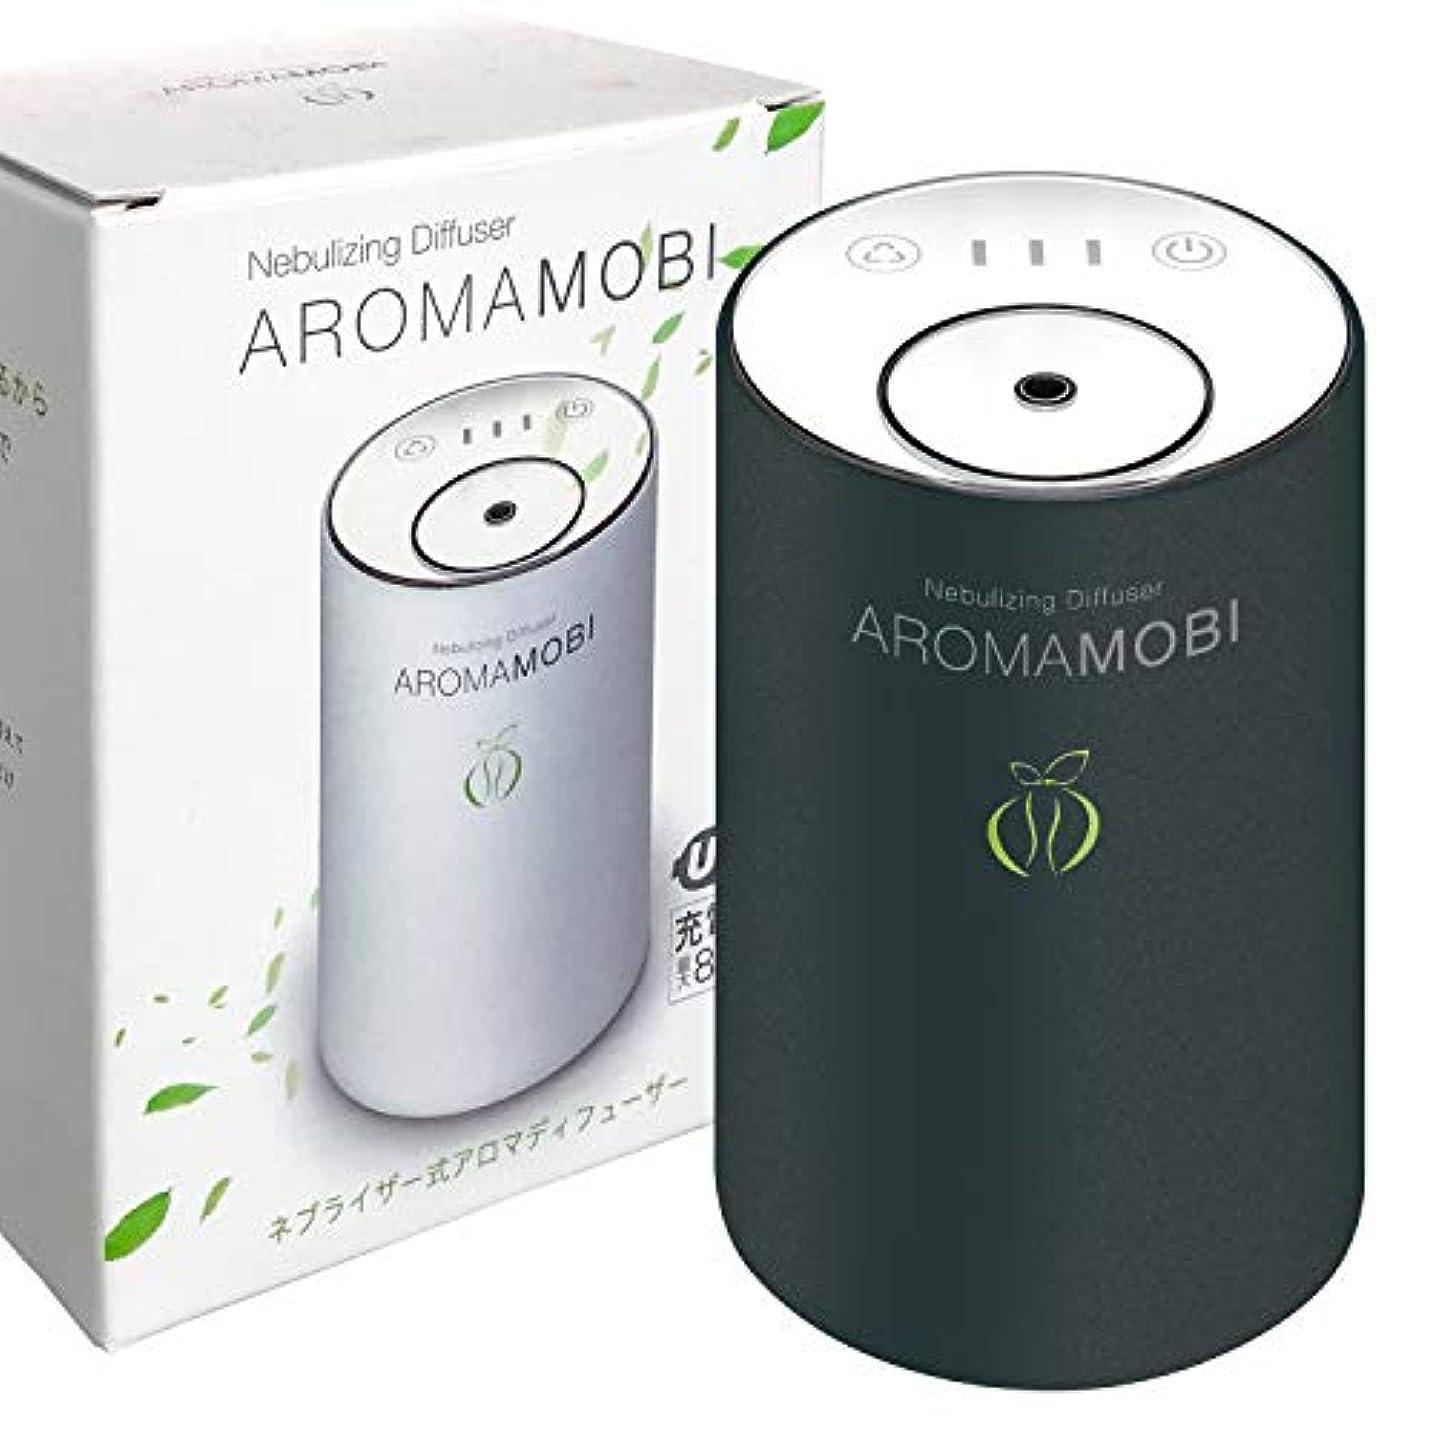 同級生偏見自転車funks AROMA MOBI 充電式 アロマディフューザー ネブライザー式 ブラック